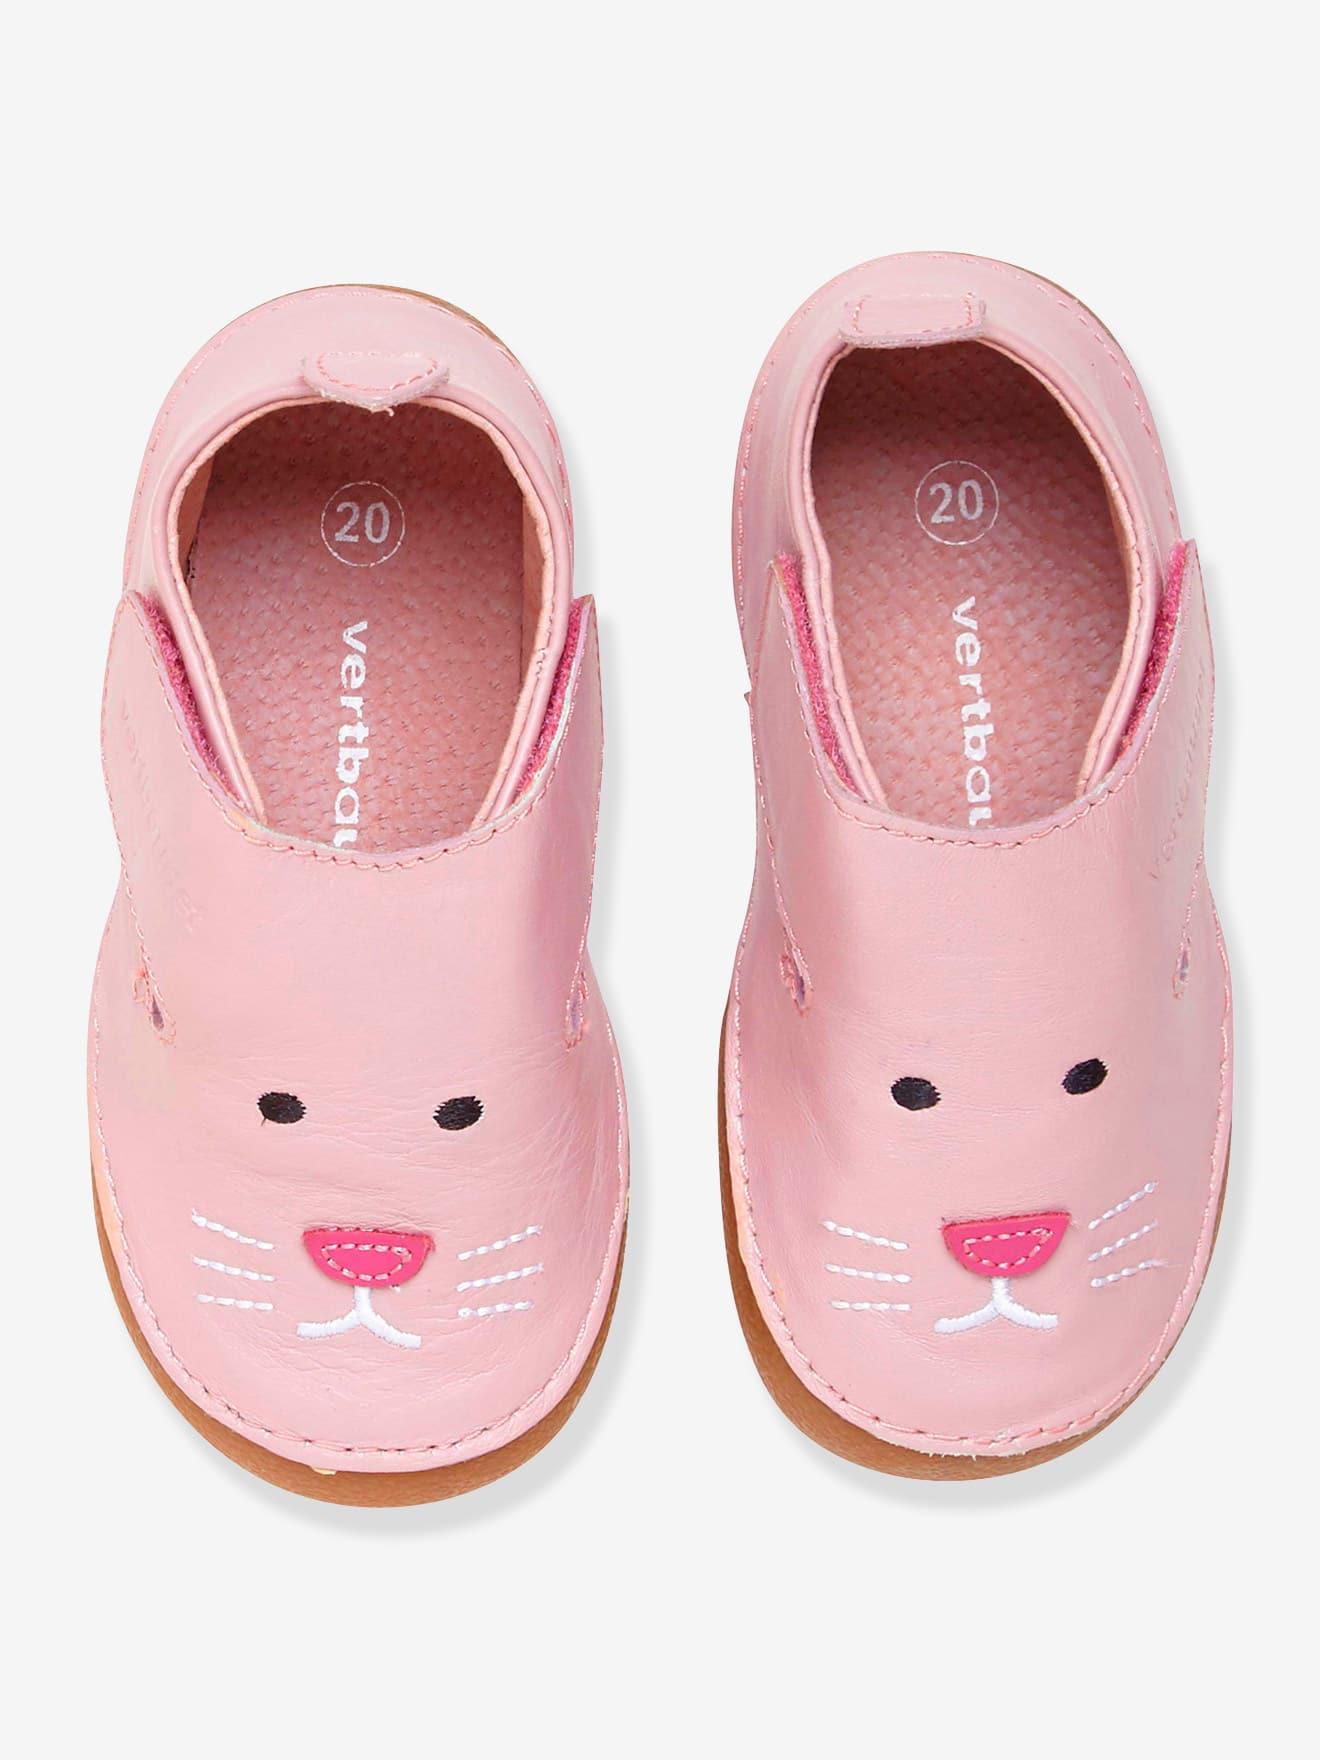 en stock a5ee5 41c48 Chaussons en cuir souple pour les petites filles - Un max d ...